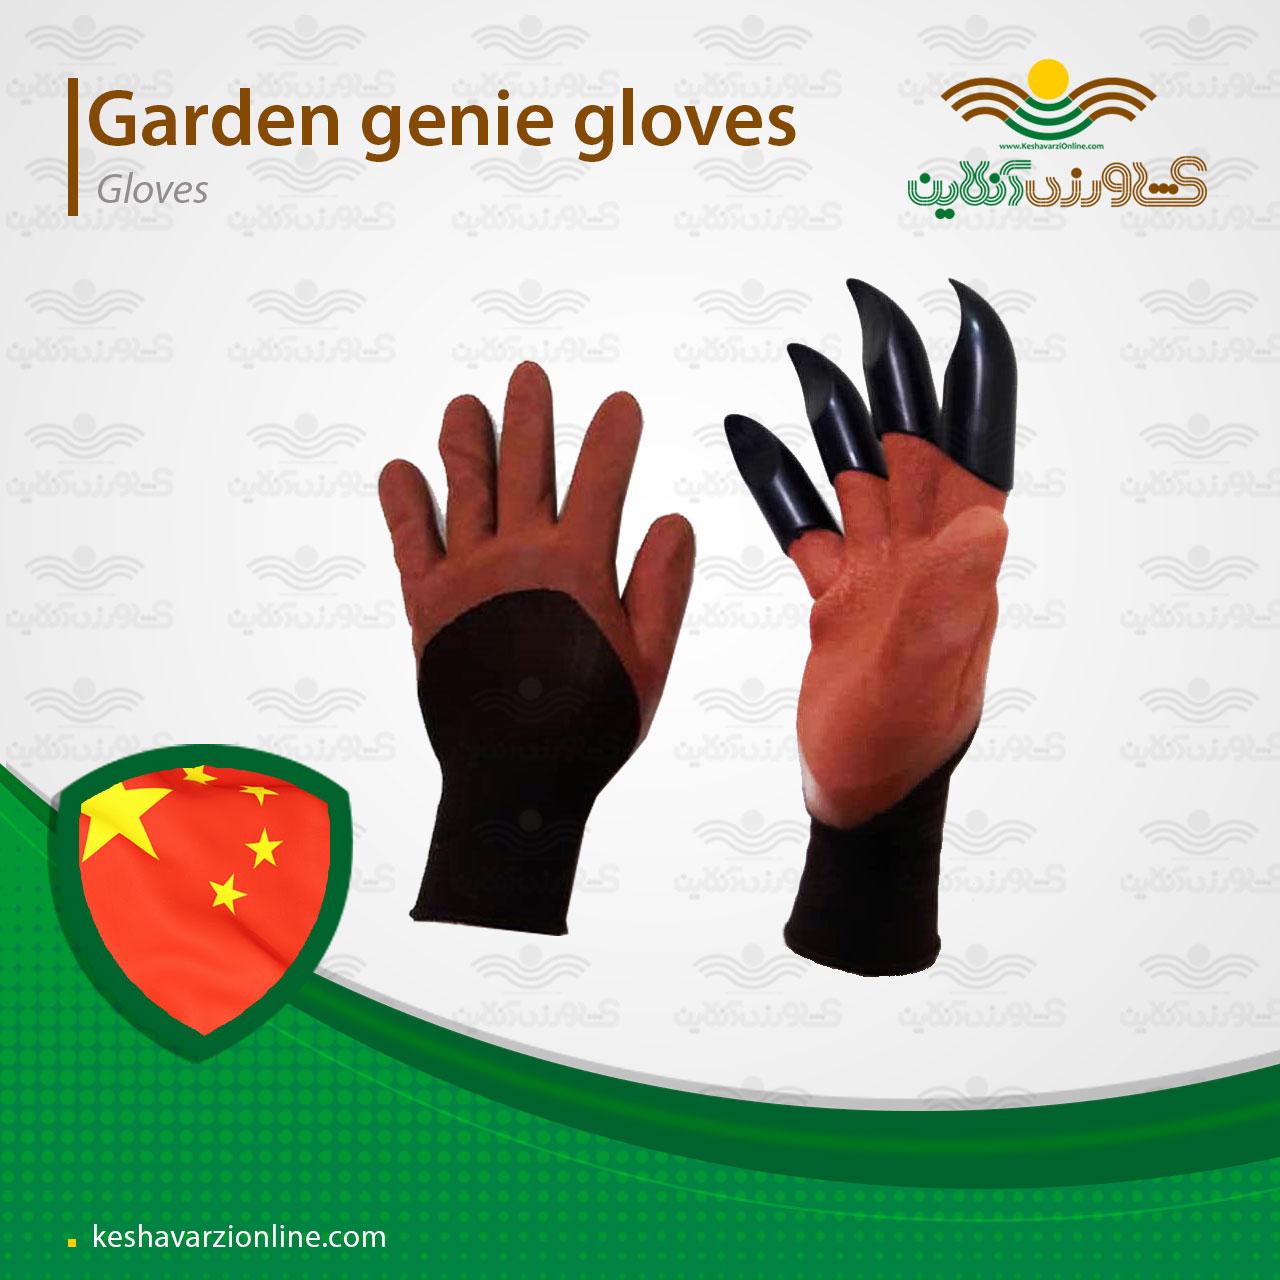 دستکش ناخن دار ویژه باغبانی